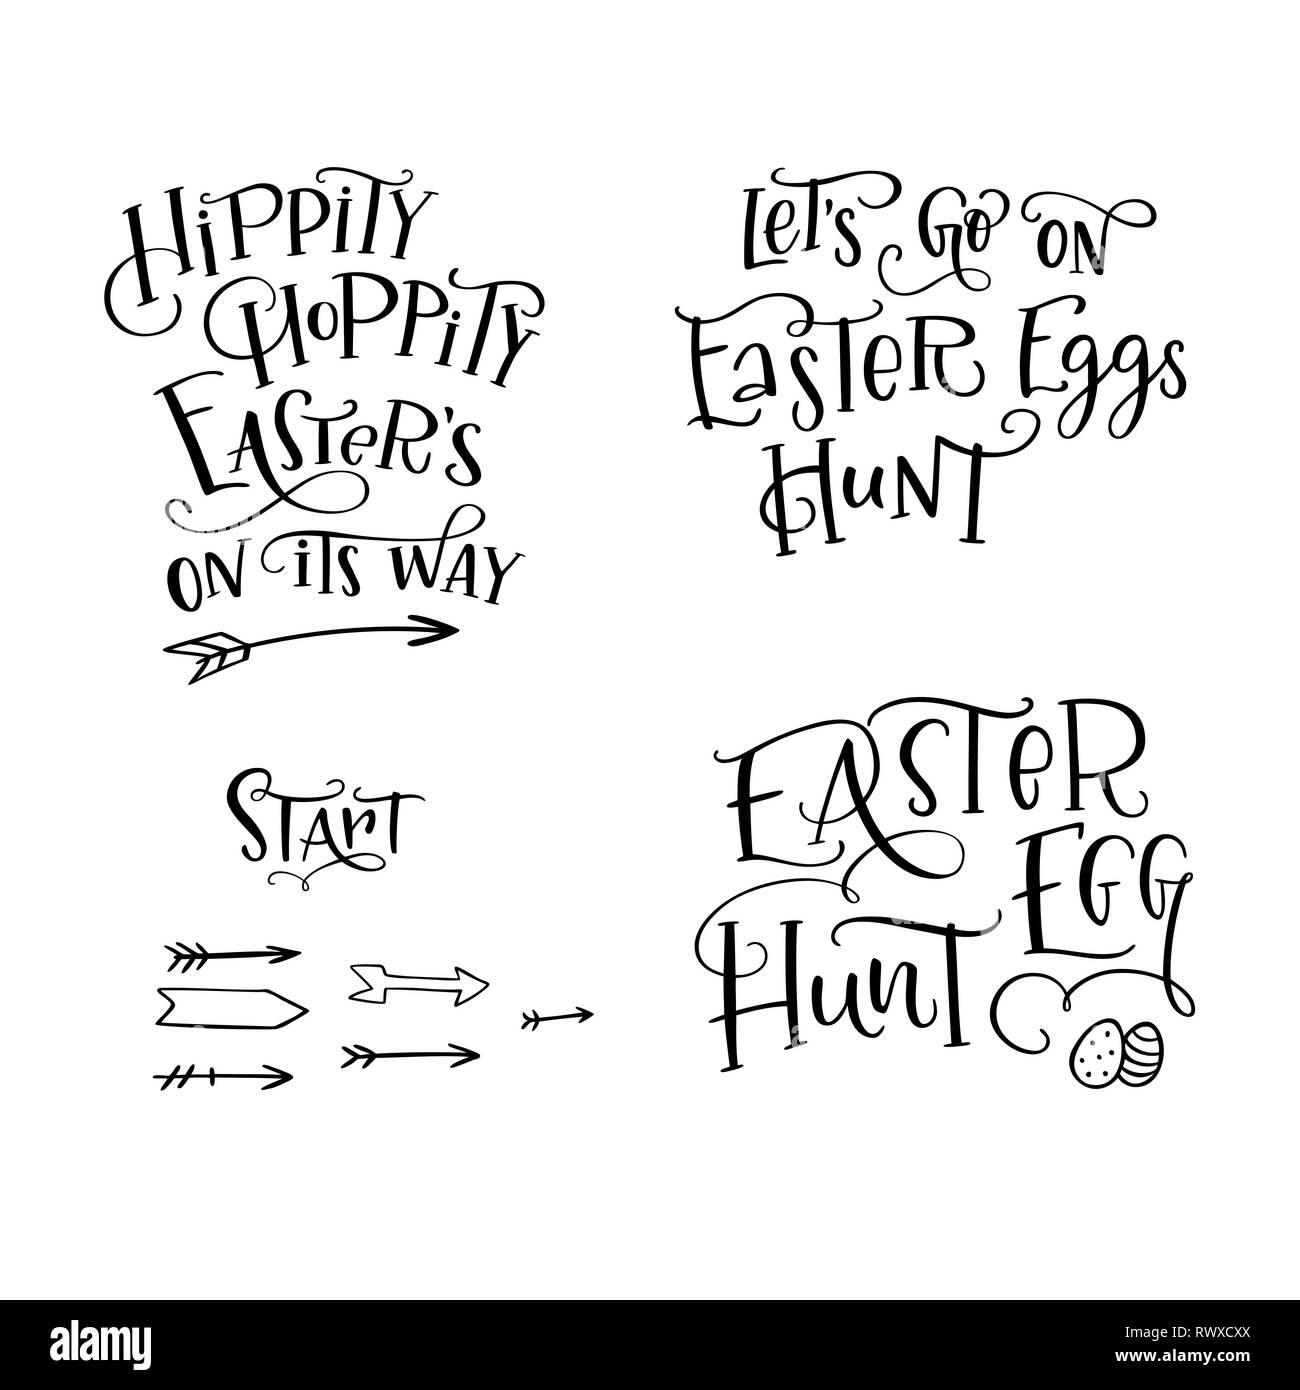 Set of hand drawn lettering phrase 'Easter Egg Hunt', 'Hippity, Hoppity Easter's on Its Way', 'Let's go on Easter Eggs Hunt', 'Start'. Handwritten cal - Stock Image